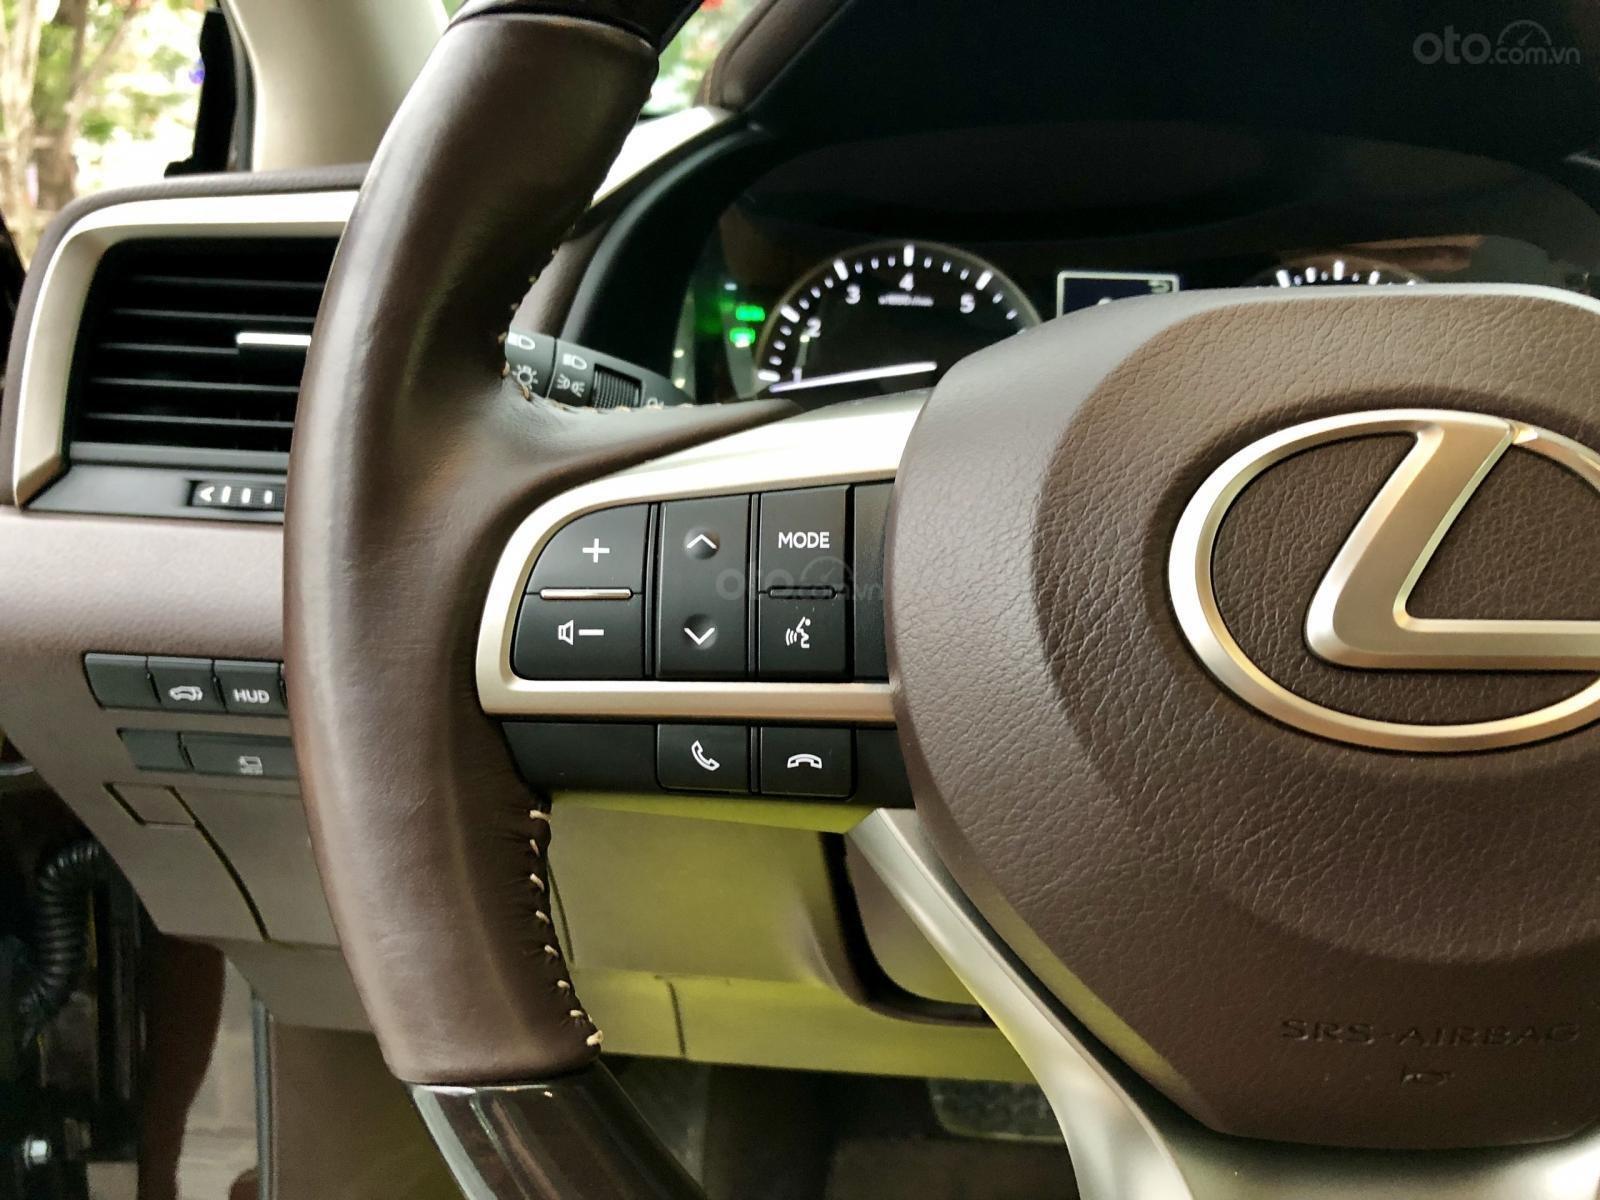 Cần bán xe Lexus RX 350 sản xuất 2017, xe nhập chính hãng. LH 093.996.2368 Ms Ngọc Vy (17)